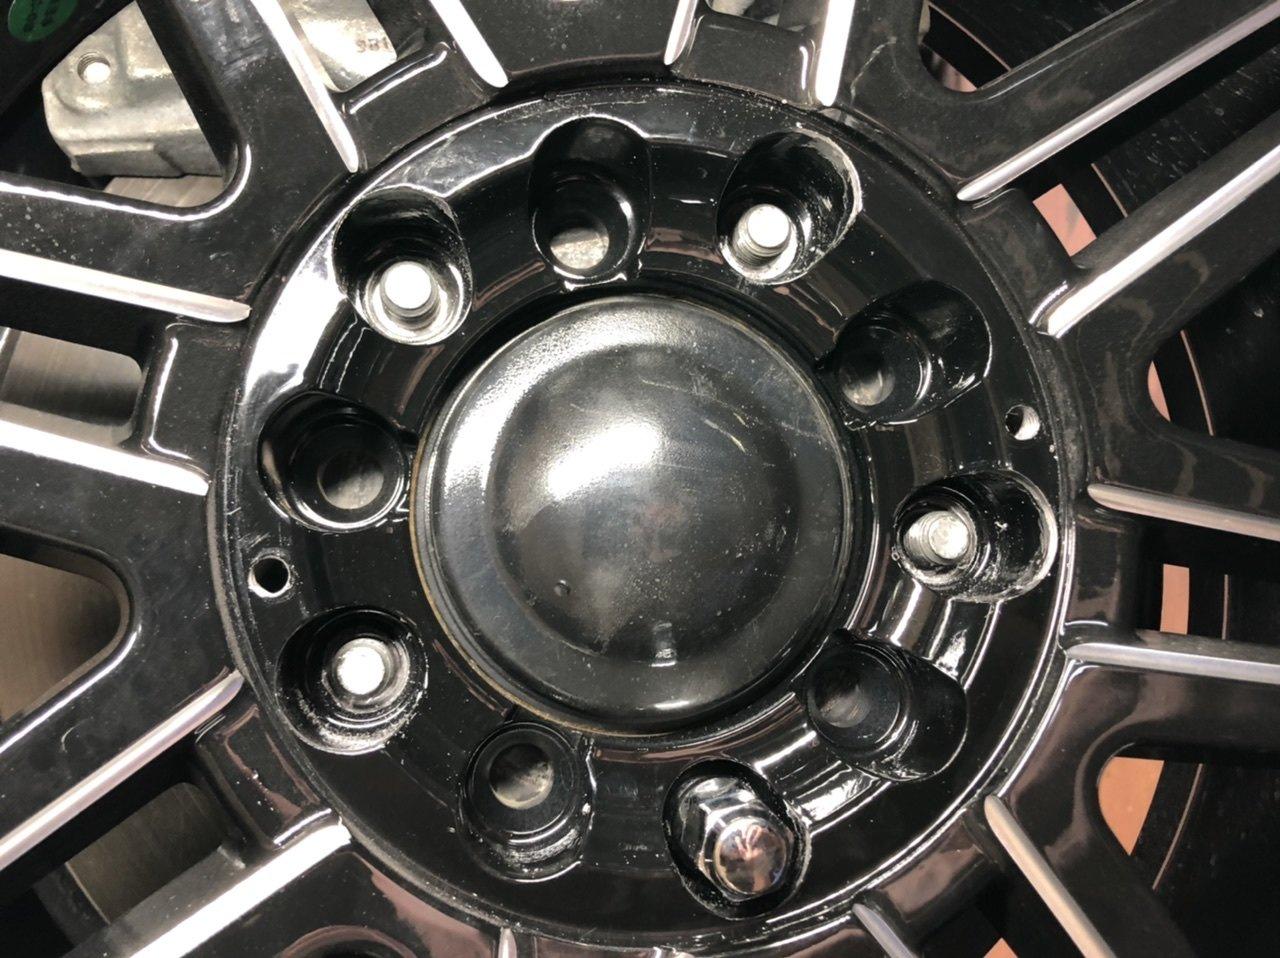 4CDE129B-EA79-4981-BF41-3C1D27661EE1.jpg